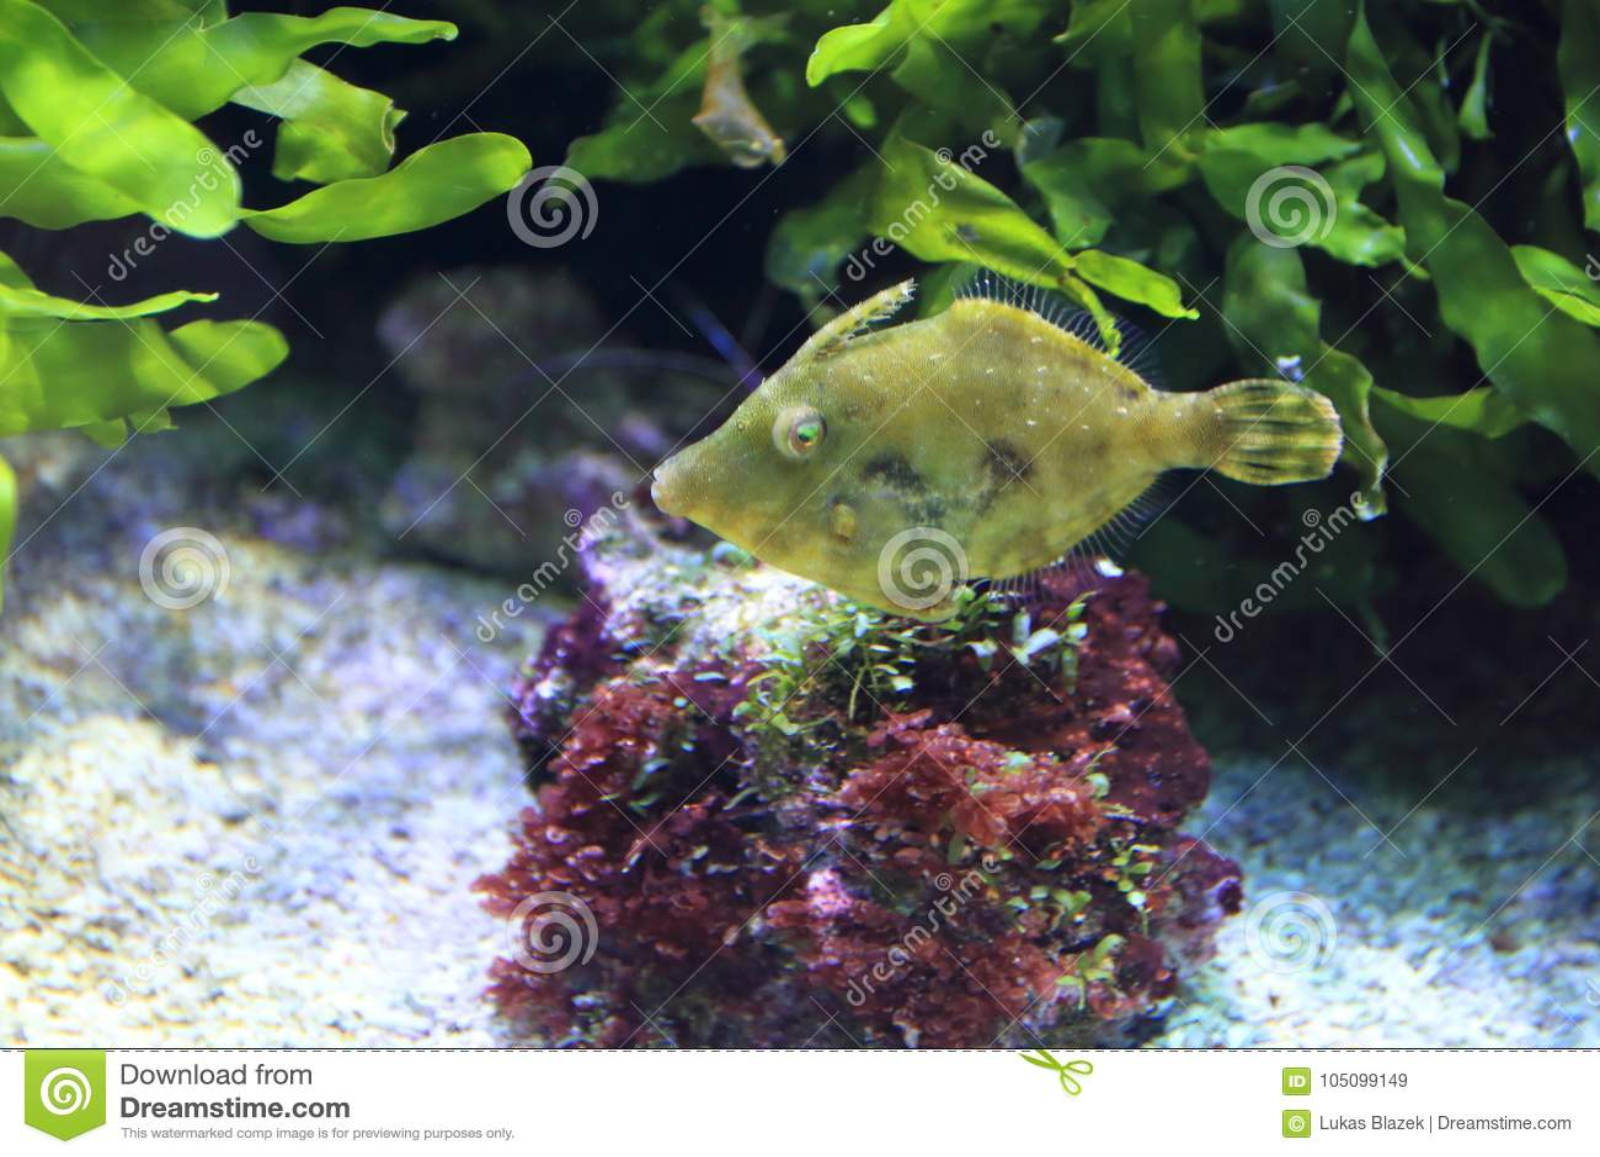 Varkenshaar-staart dossier-vissen